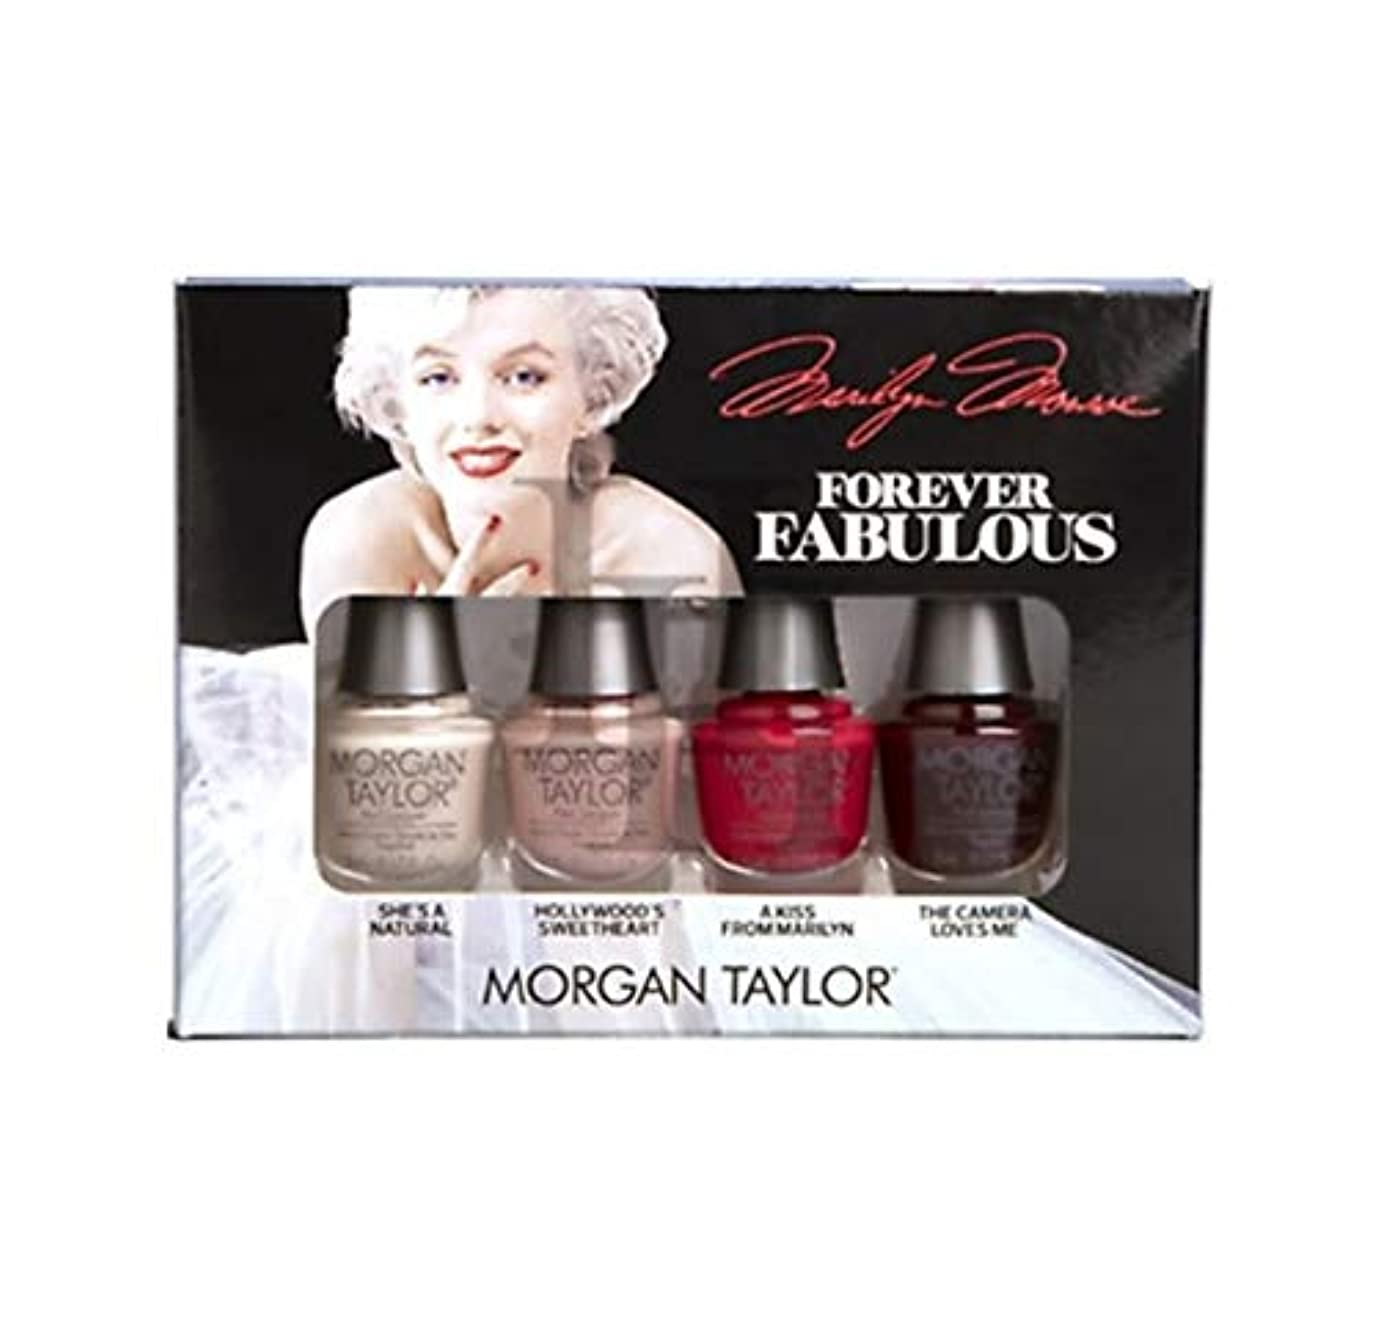 私たちロッカー情熱Morgan Taylor - Forever Fabulous Marilyn Monroe Mini 4 Pack - 5 mL / 0.17 oz